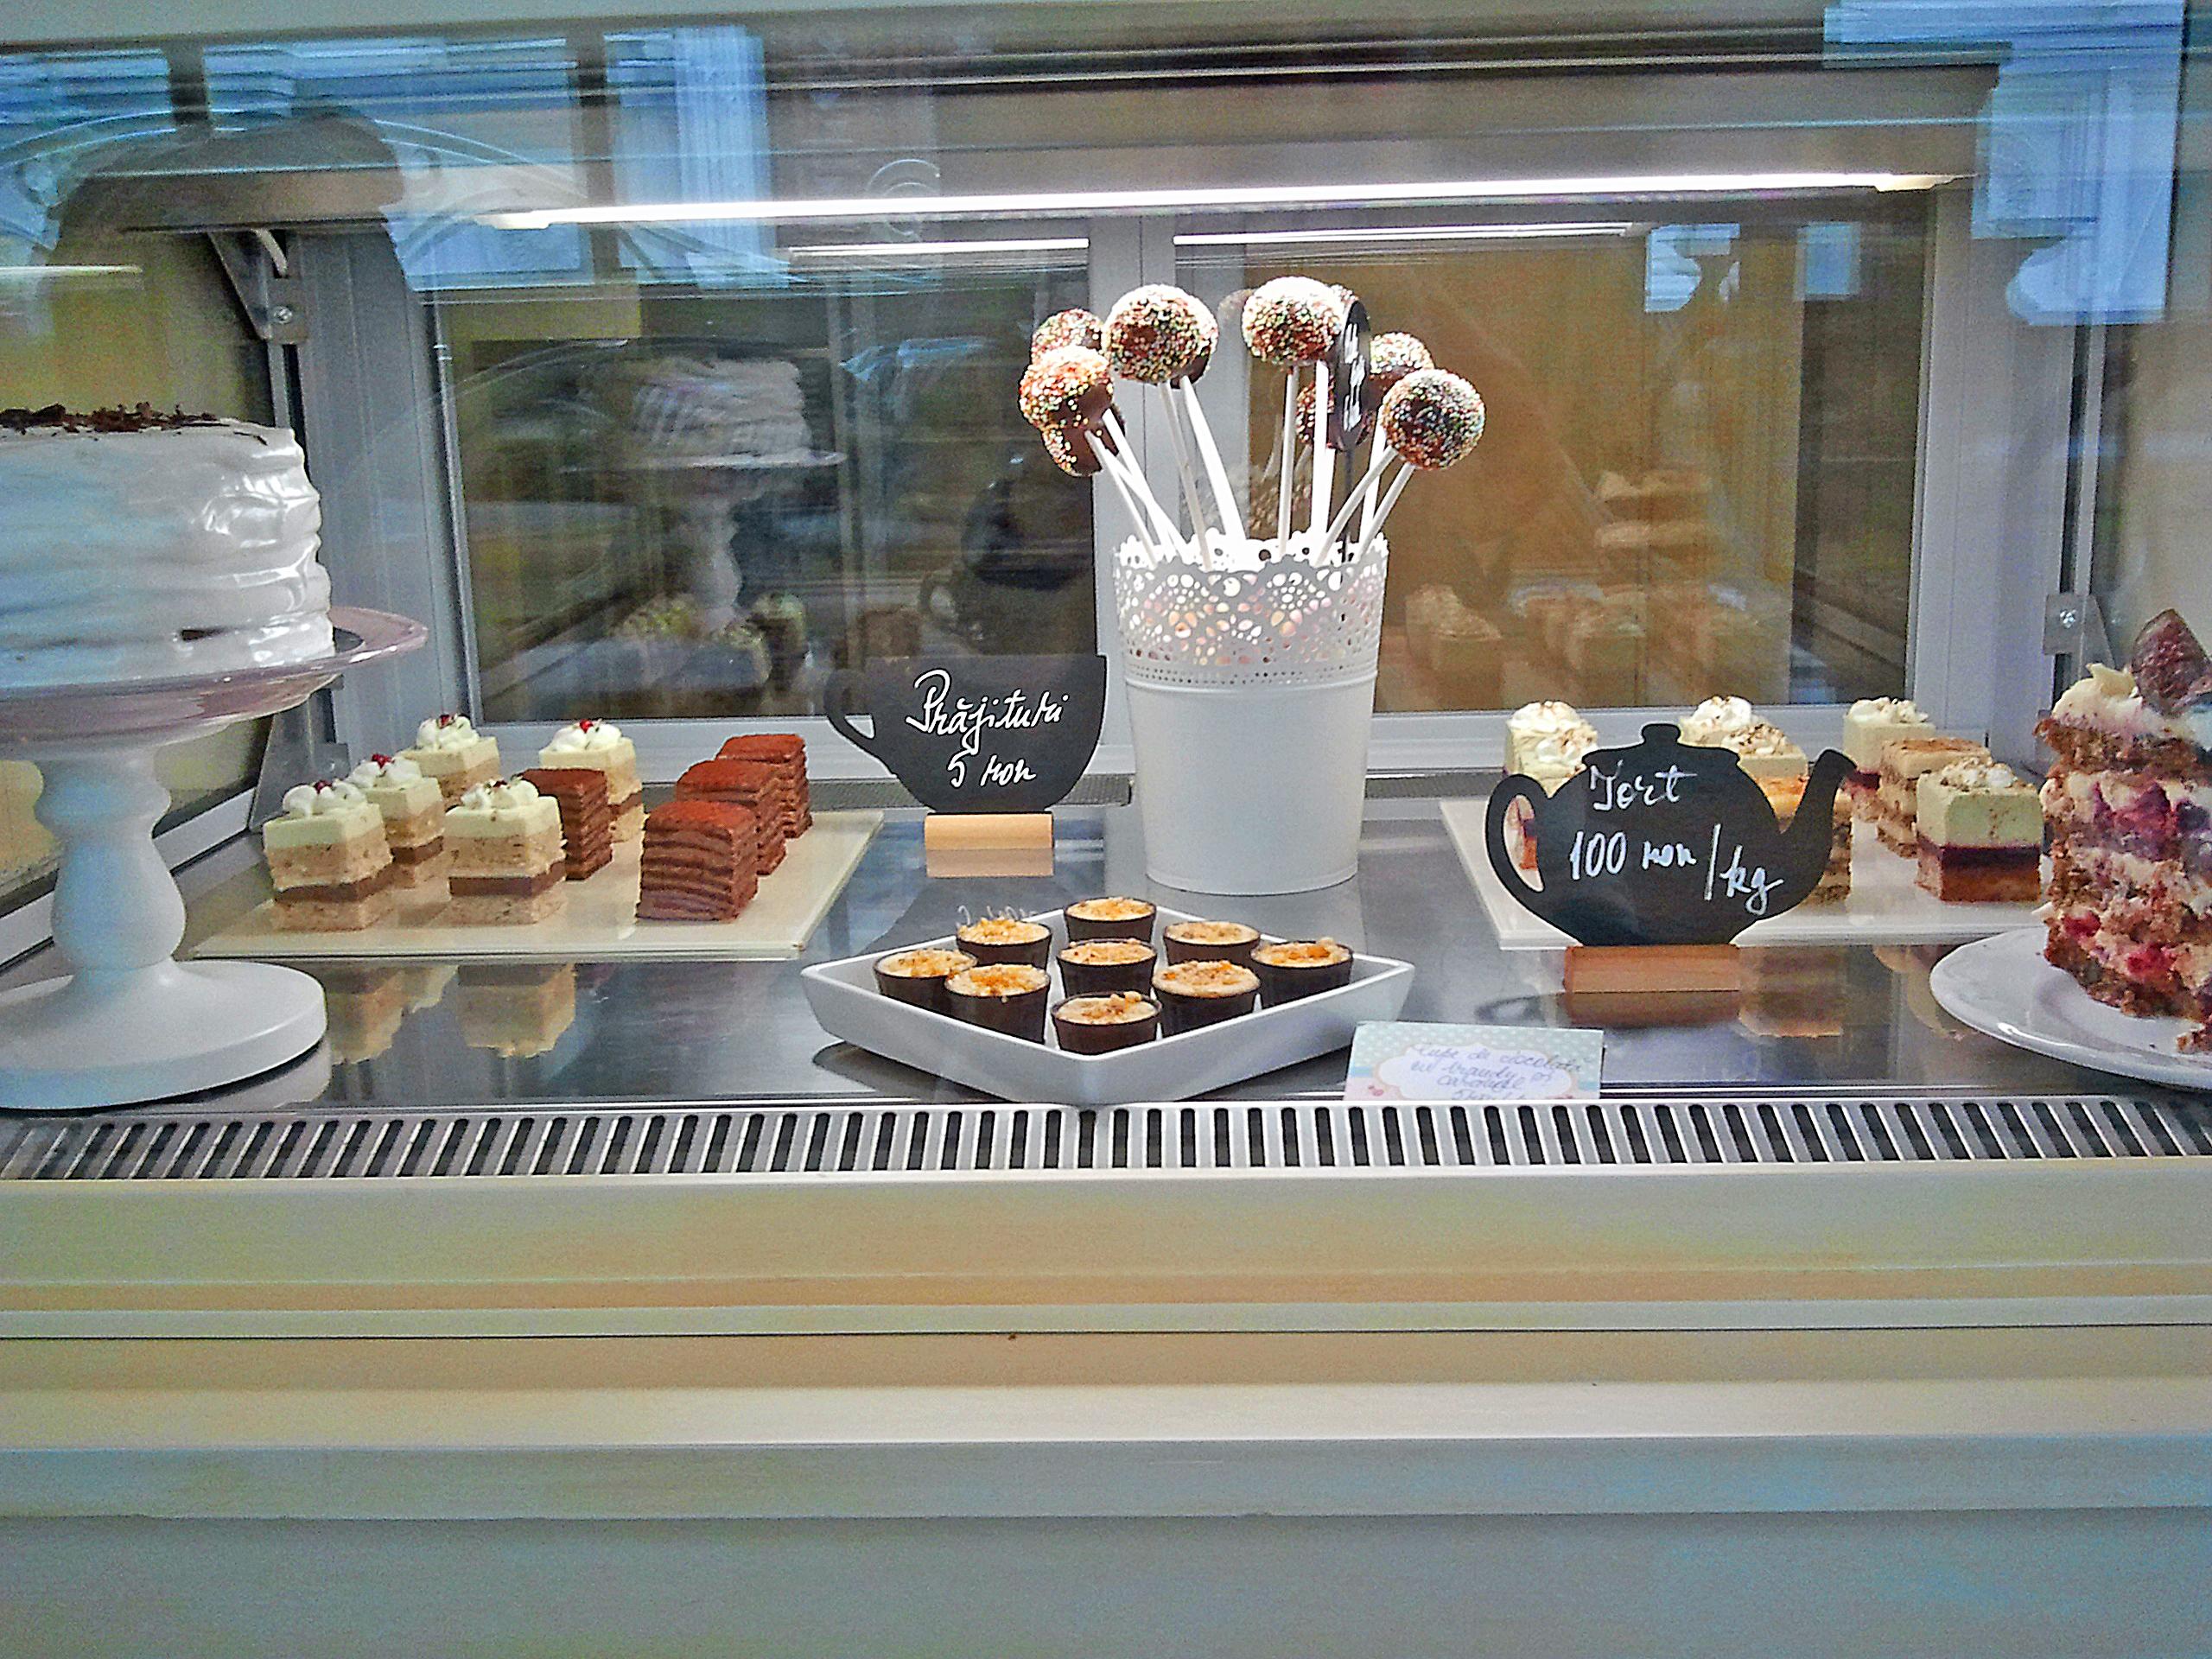 Prăjiturelele sunt prea ispititoare ca să nu încerci măcar una. foto: danbrumar.ro